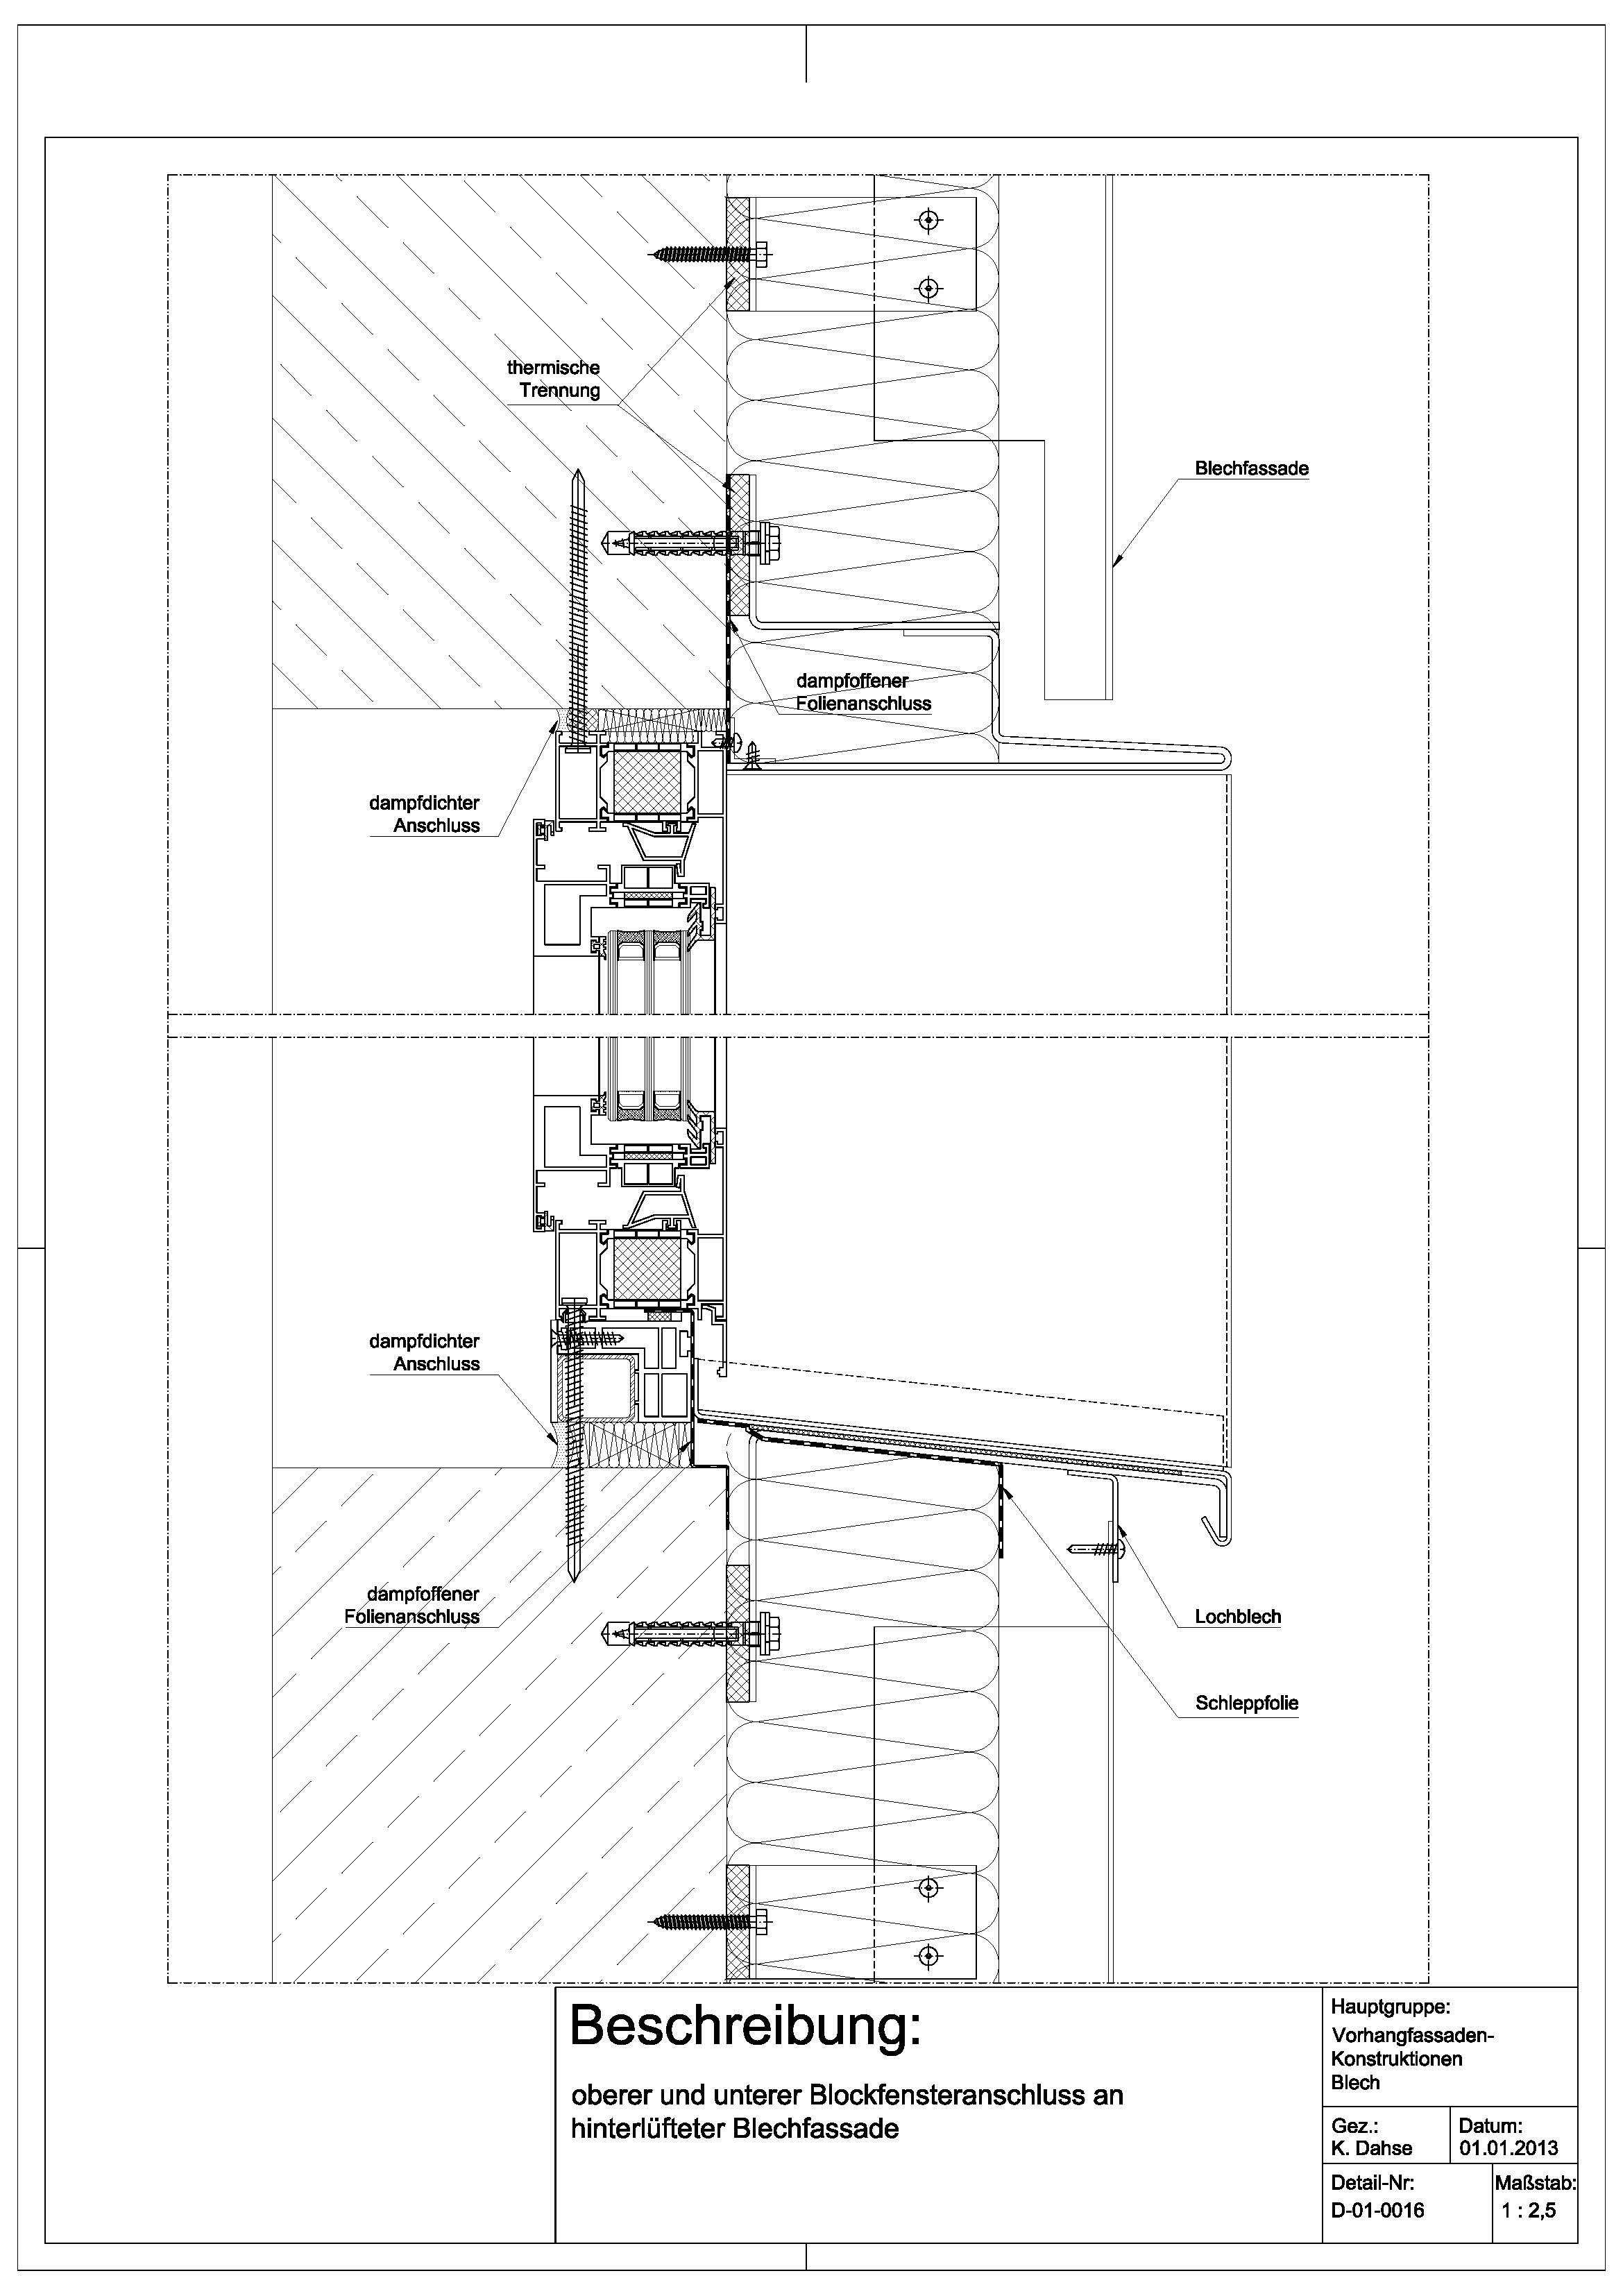 D010016 oberer und unterer Blockfensteranschluss an